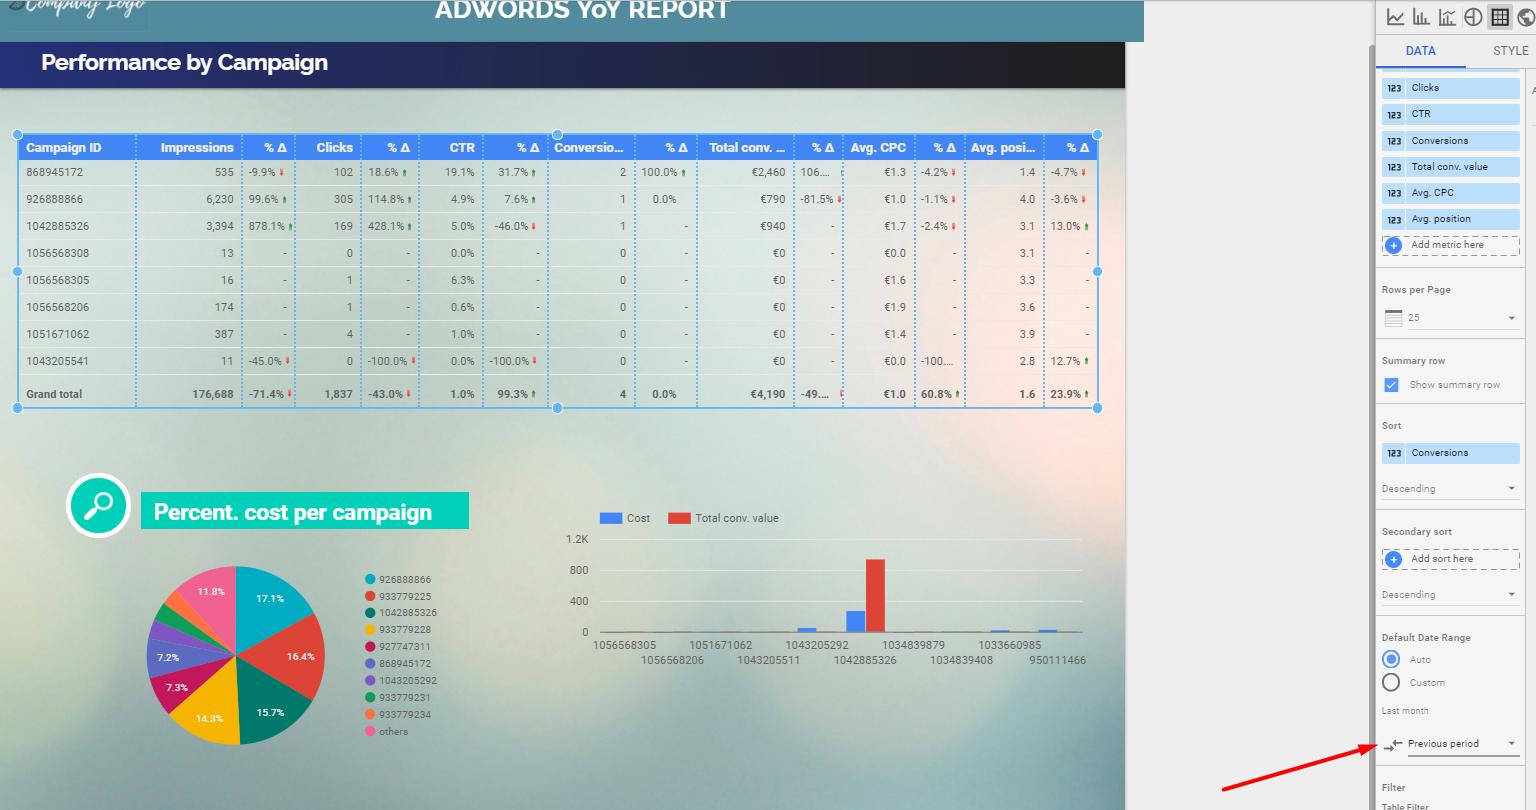 Plantilla GRATIS de Data Studio para Adwords